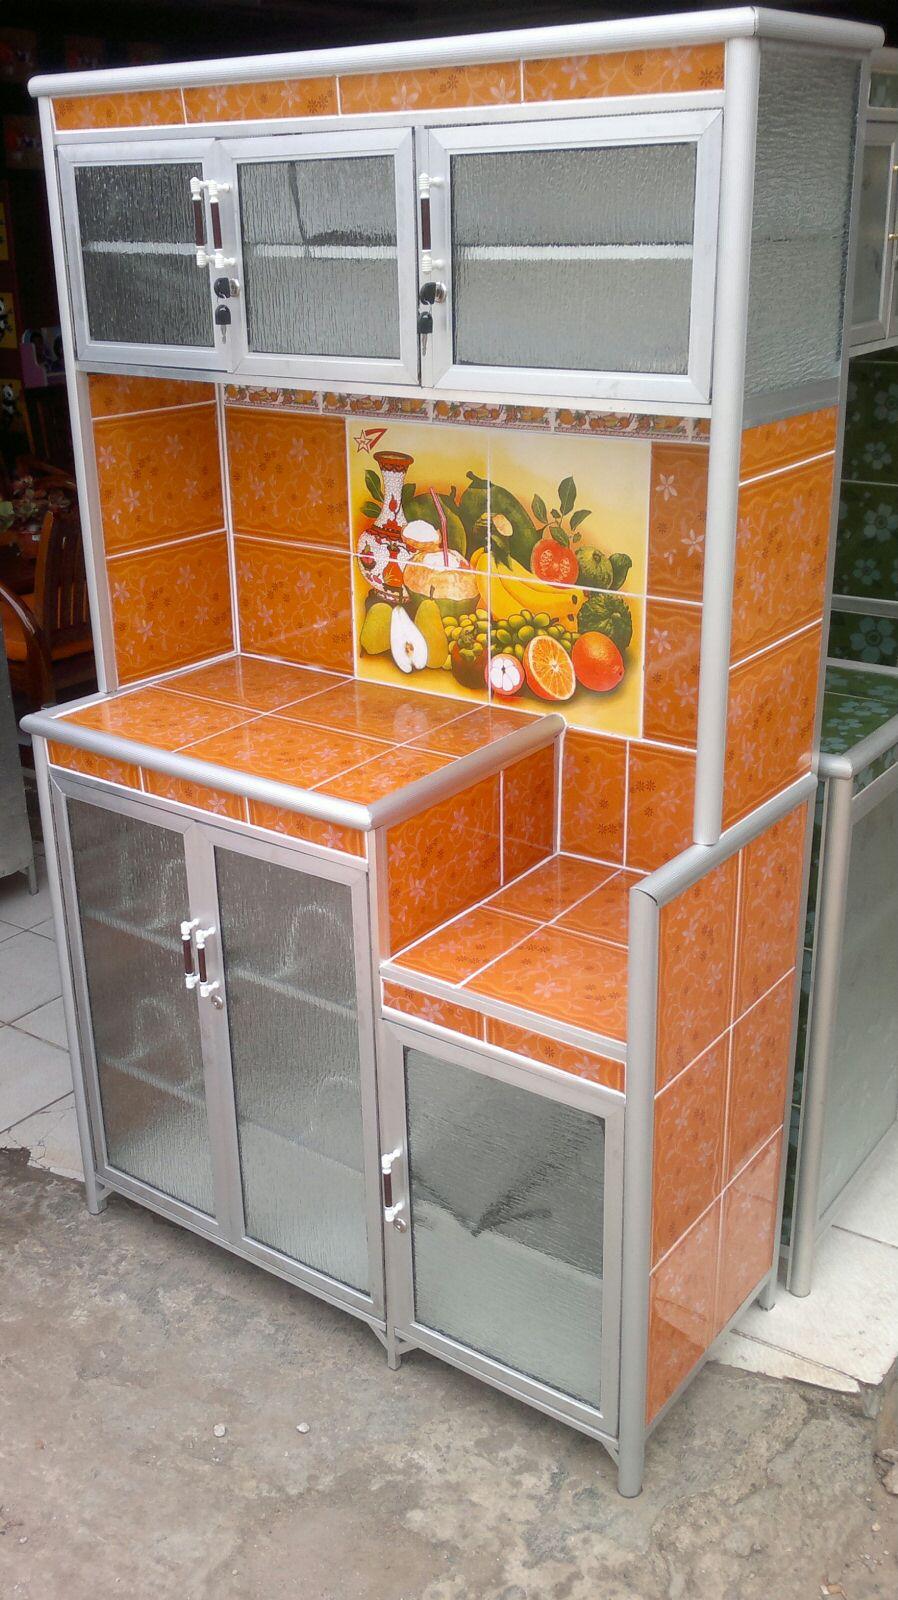 Jual Rak Piring Aluminium Cuci Piring Keramik Di Purwokerto Harga rak piring keramik